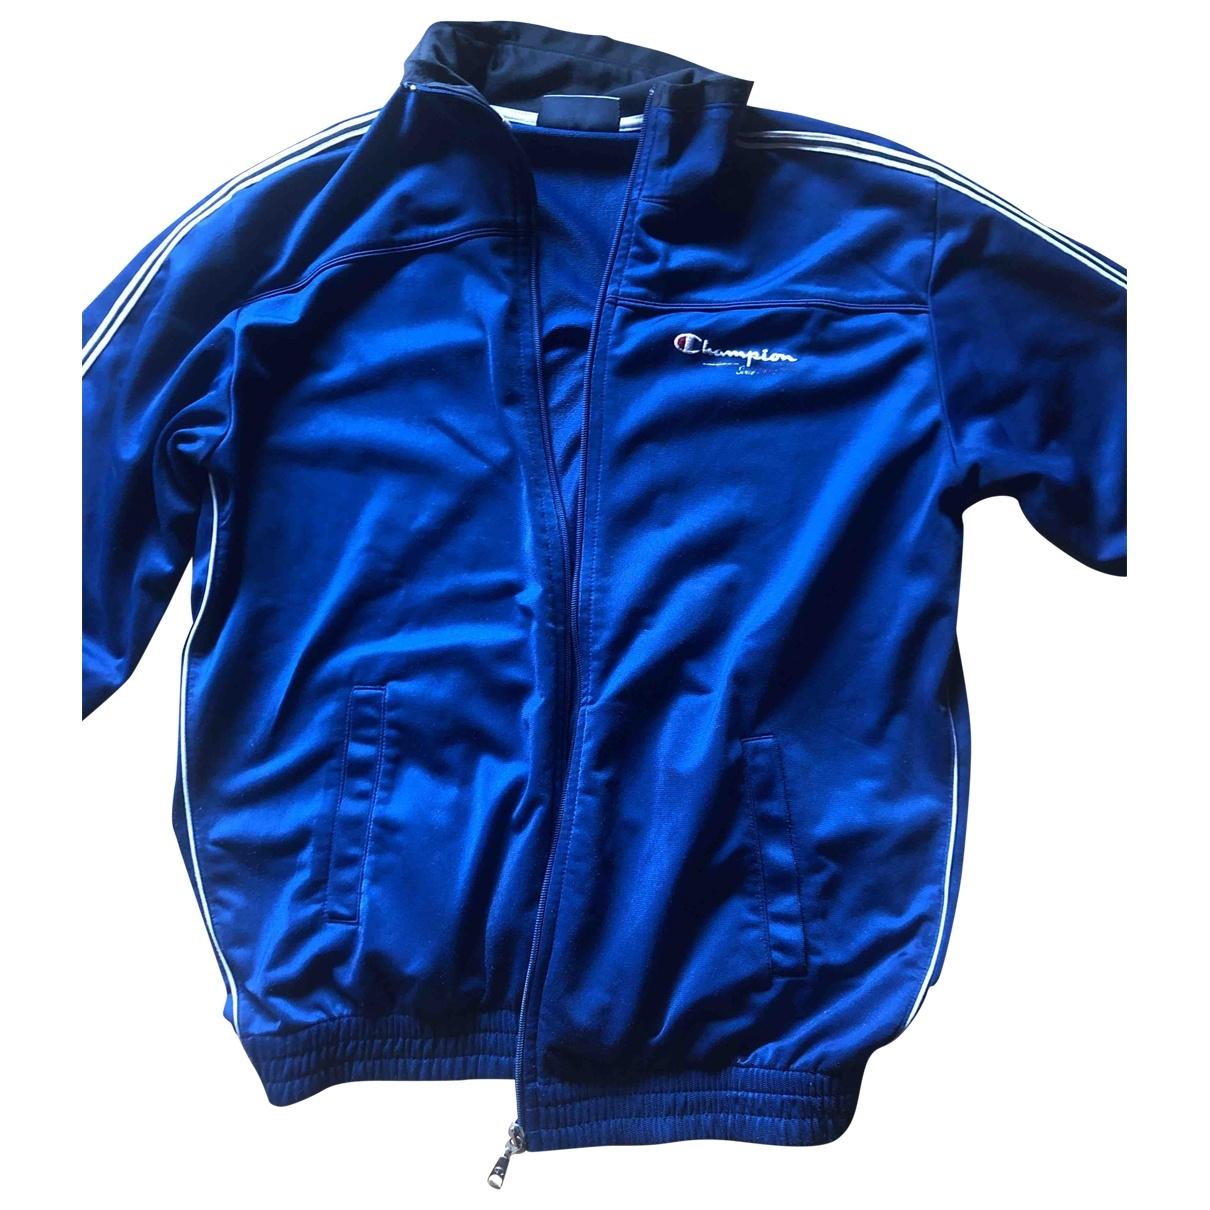 Champion \N Jacke, Maentel in  Blau Polyester